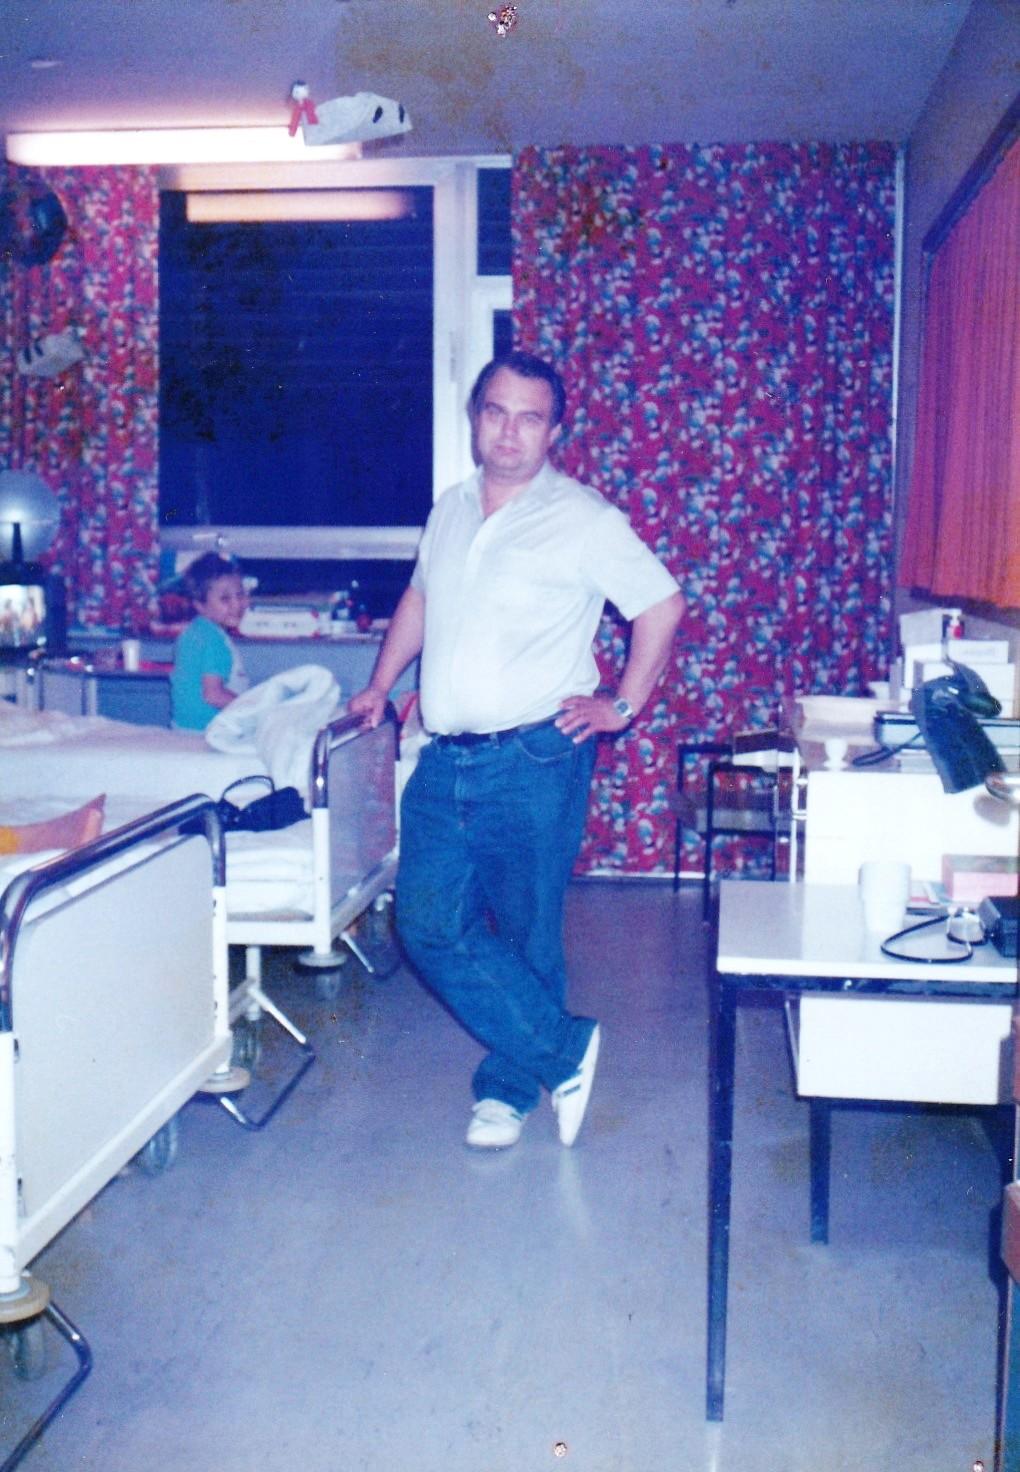 Mein Vater an meinem Bett am Vorabend einer Operation 1986 in der alten Kinderklinik.